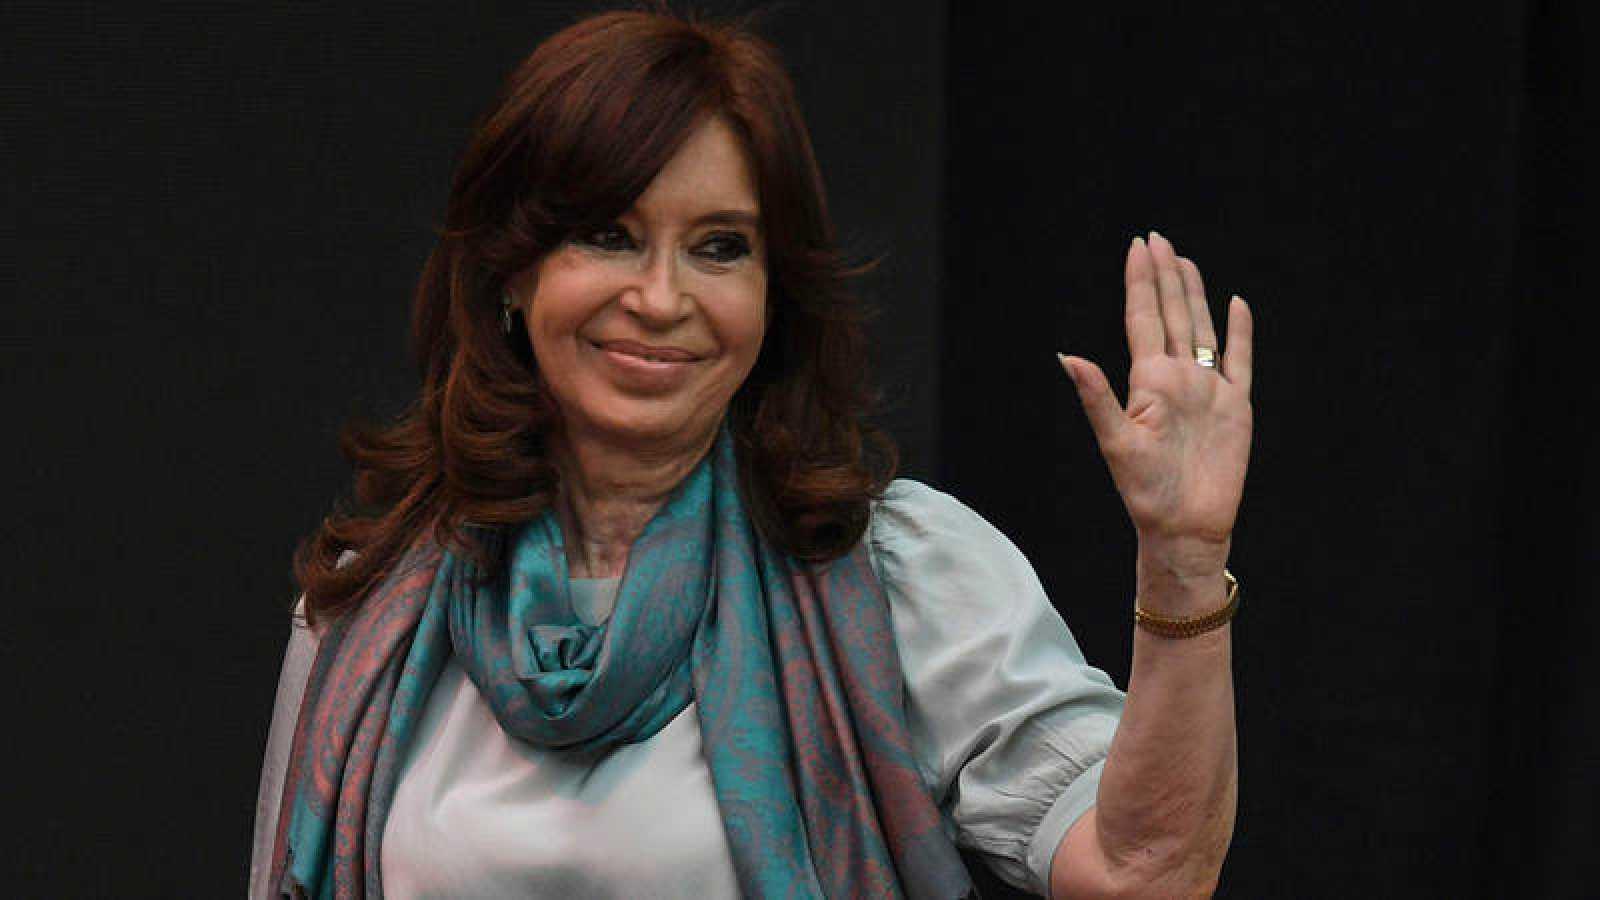 Cristina Fernández en una foto tomada el 19 de noviembre de 2018